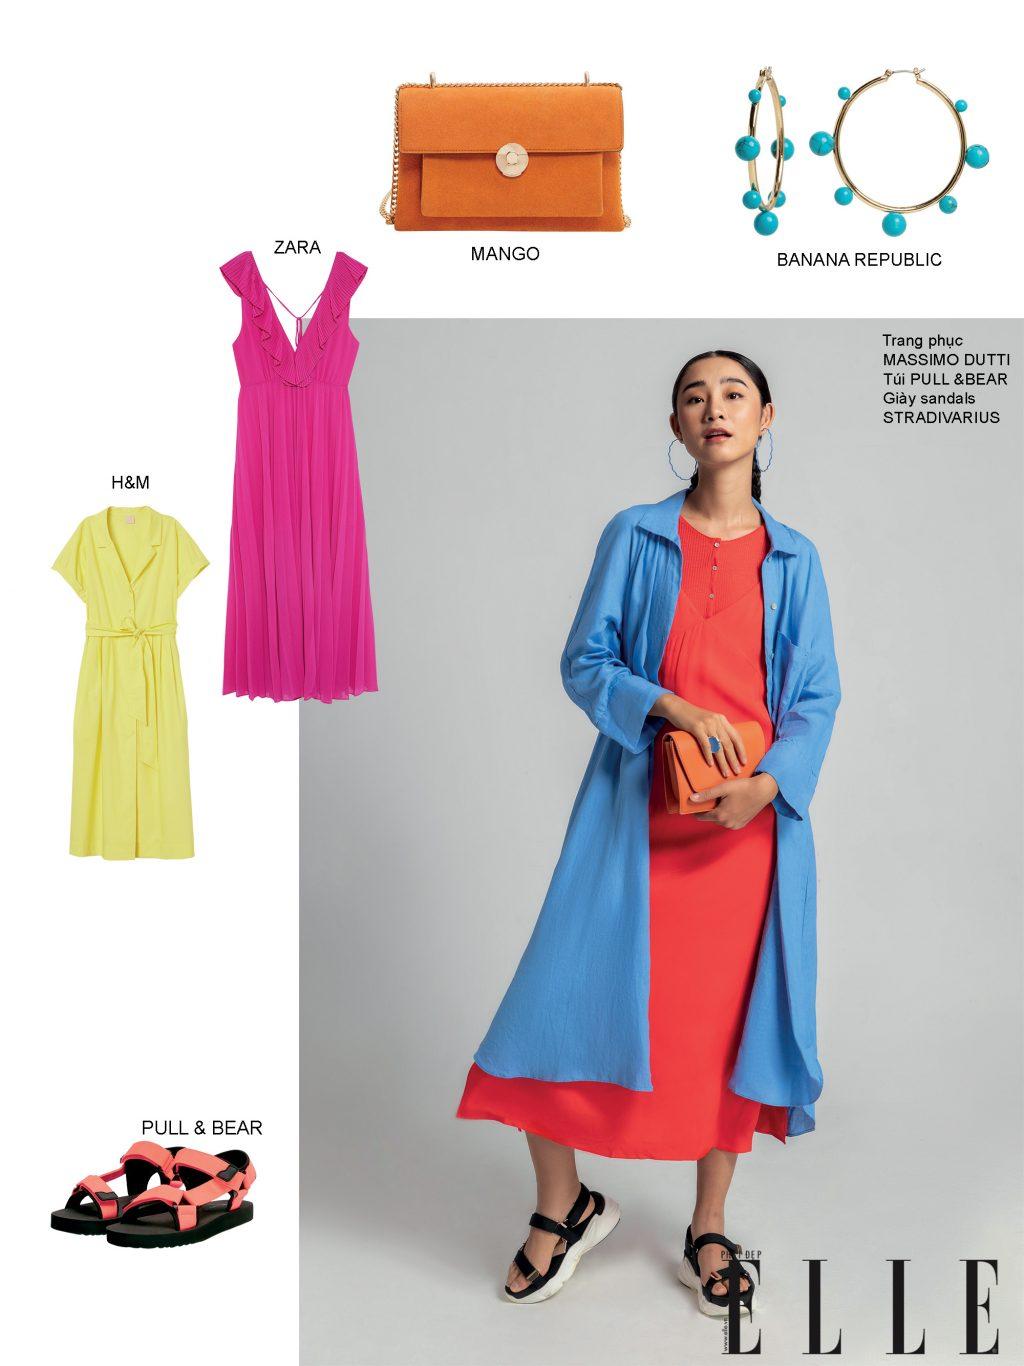 cách phối màu quần áo với màu neon